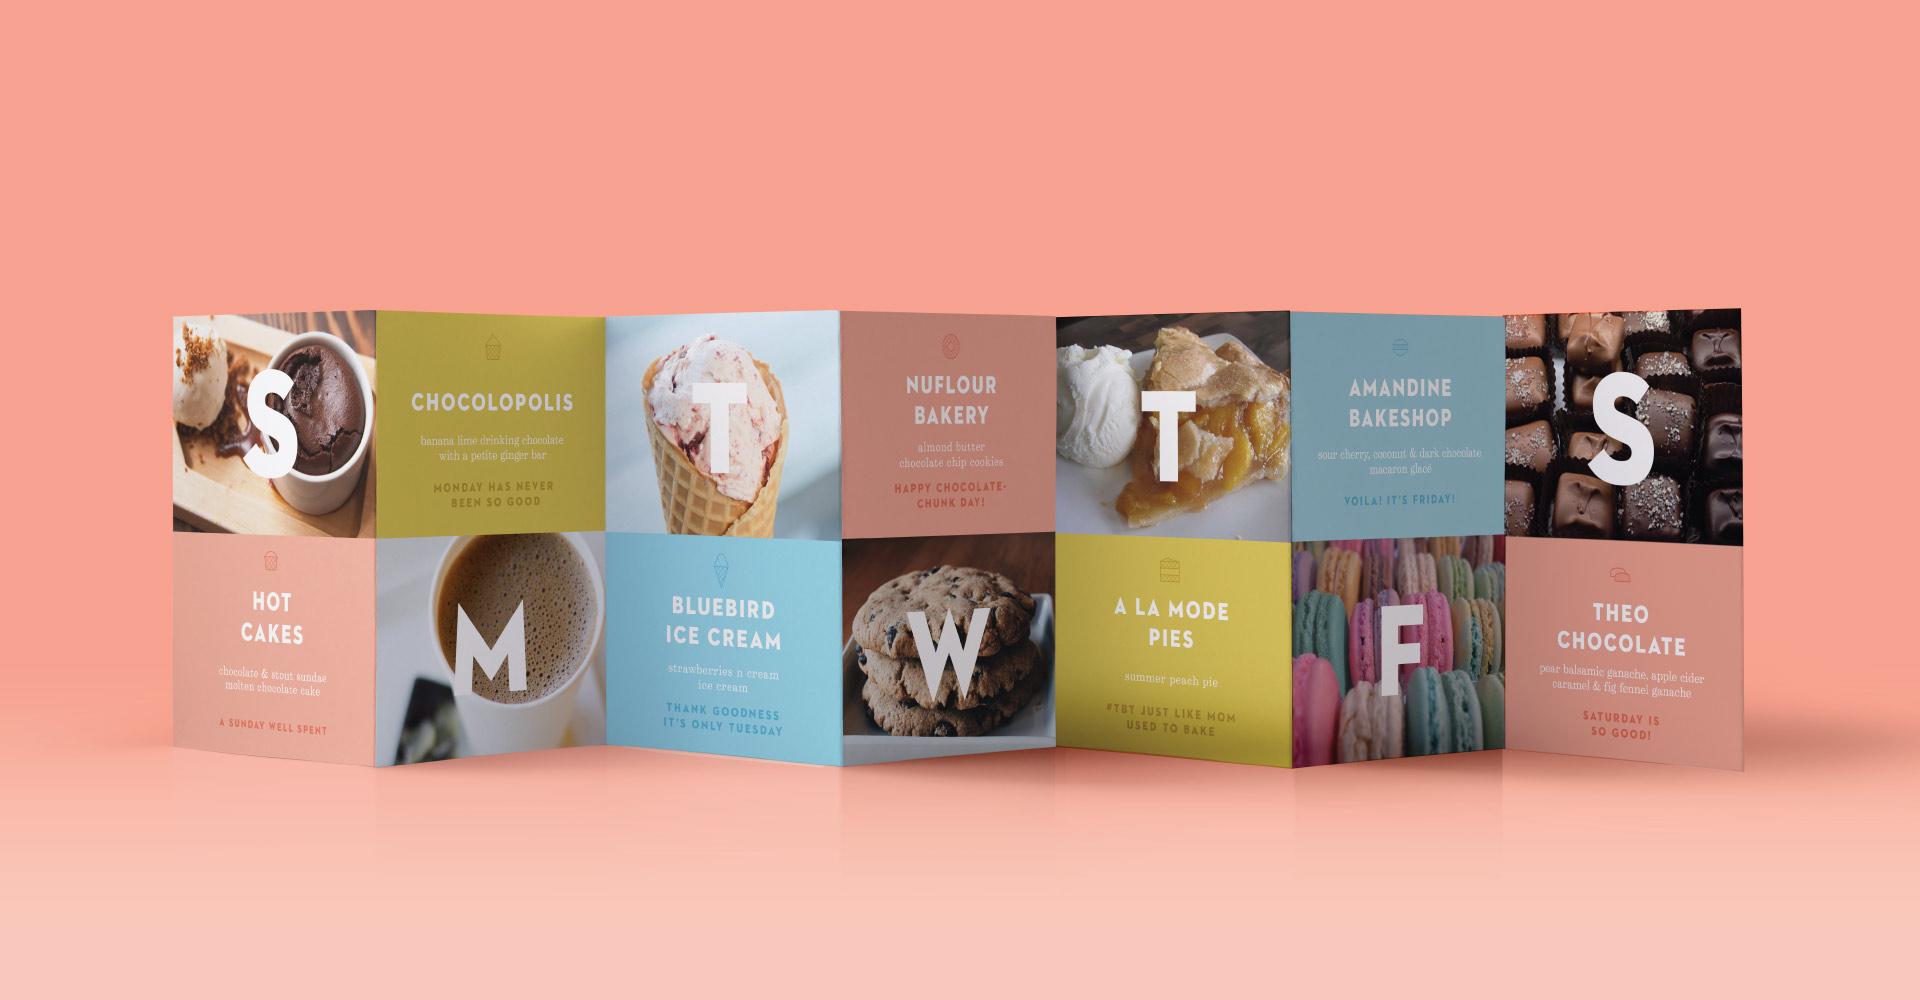 Creative_Retail_Packaging_Sweet_Week_Seattle_Branding_Design_08.jpg